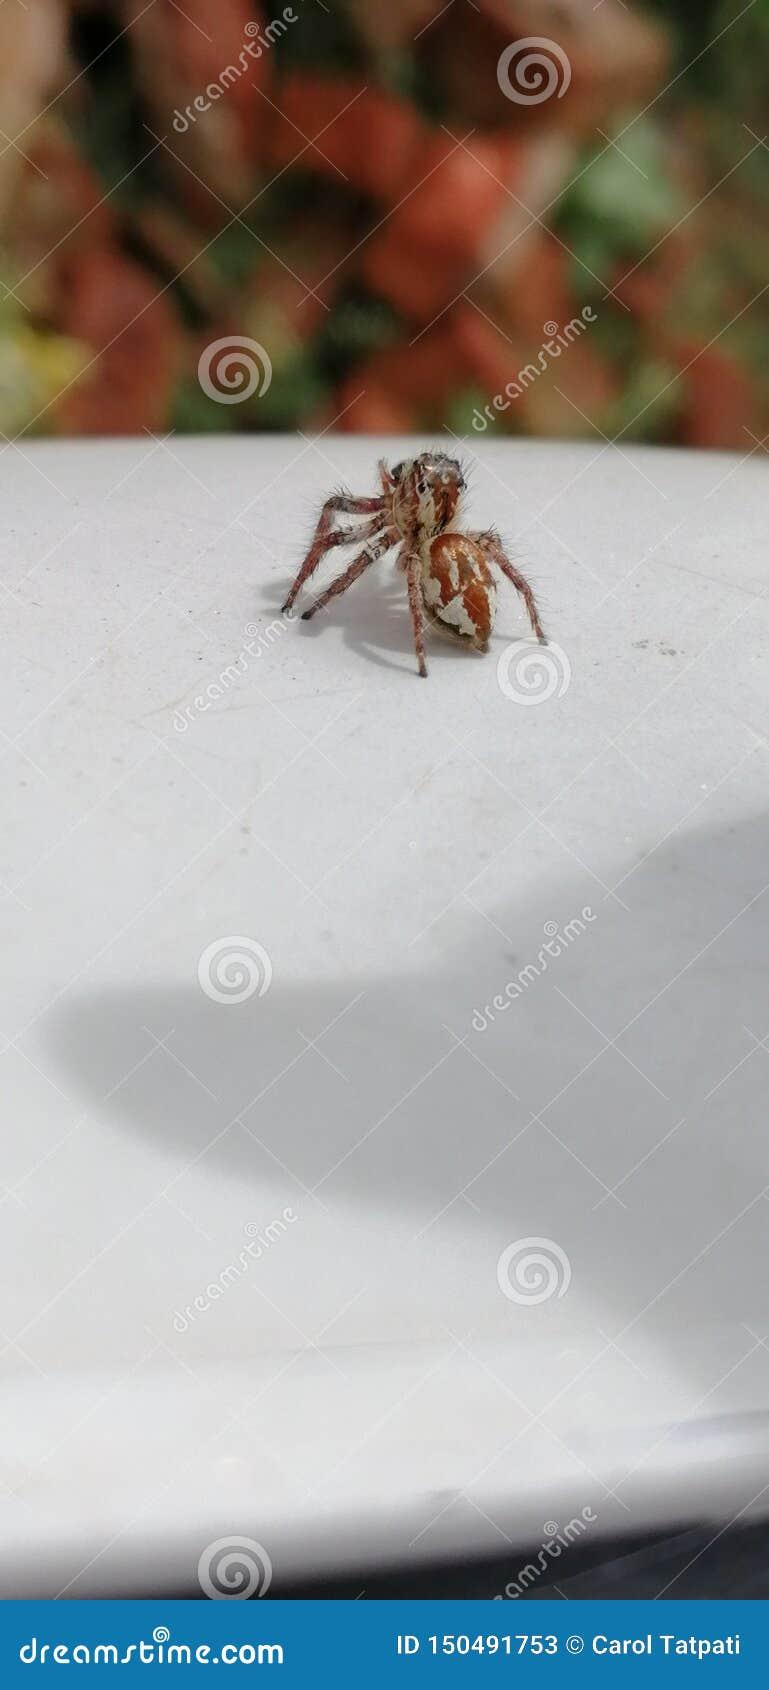 La araña común de la casa